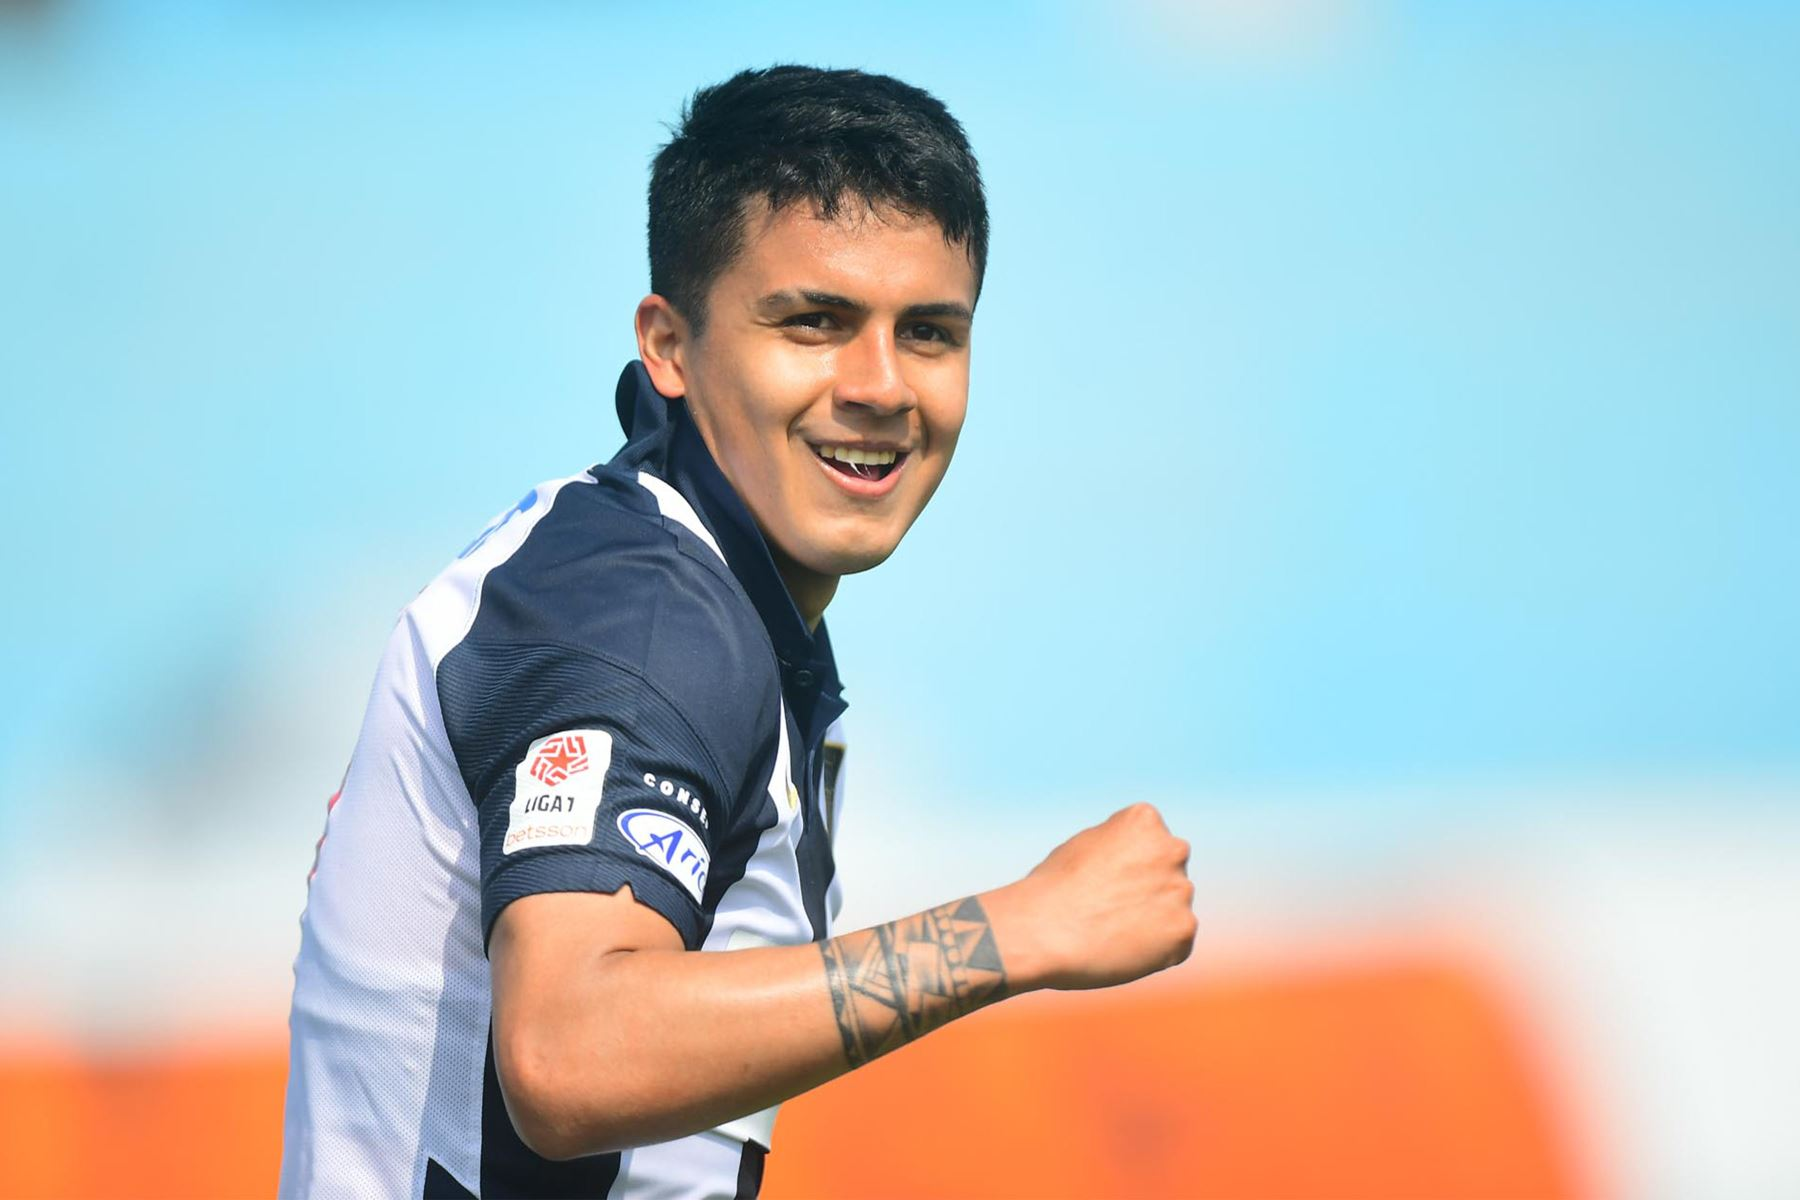 El futbolista Jairo Concha de Alianza Lima celebra su gol anotado ante  el jugador del FBC Melgar  durante el partido de la fecha 12 de la Liga 1 en el estadio Alberto Gallardo. Foto: @LigaFutProf